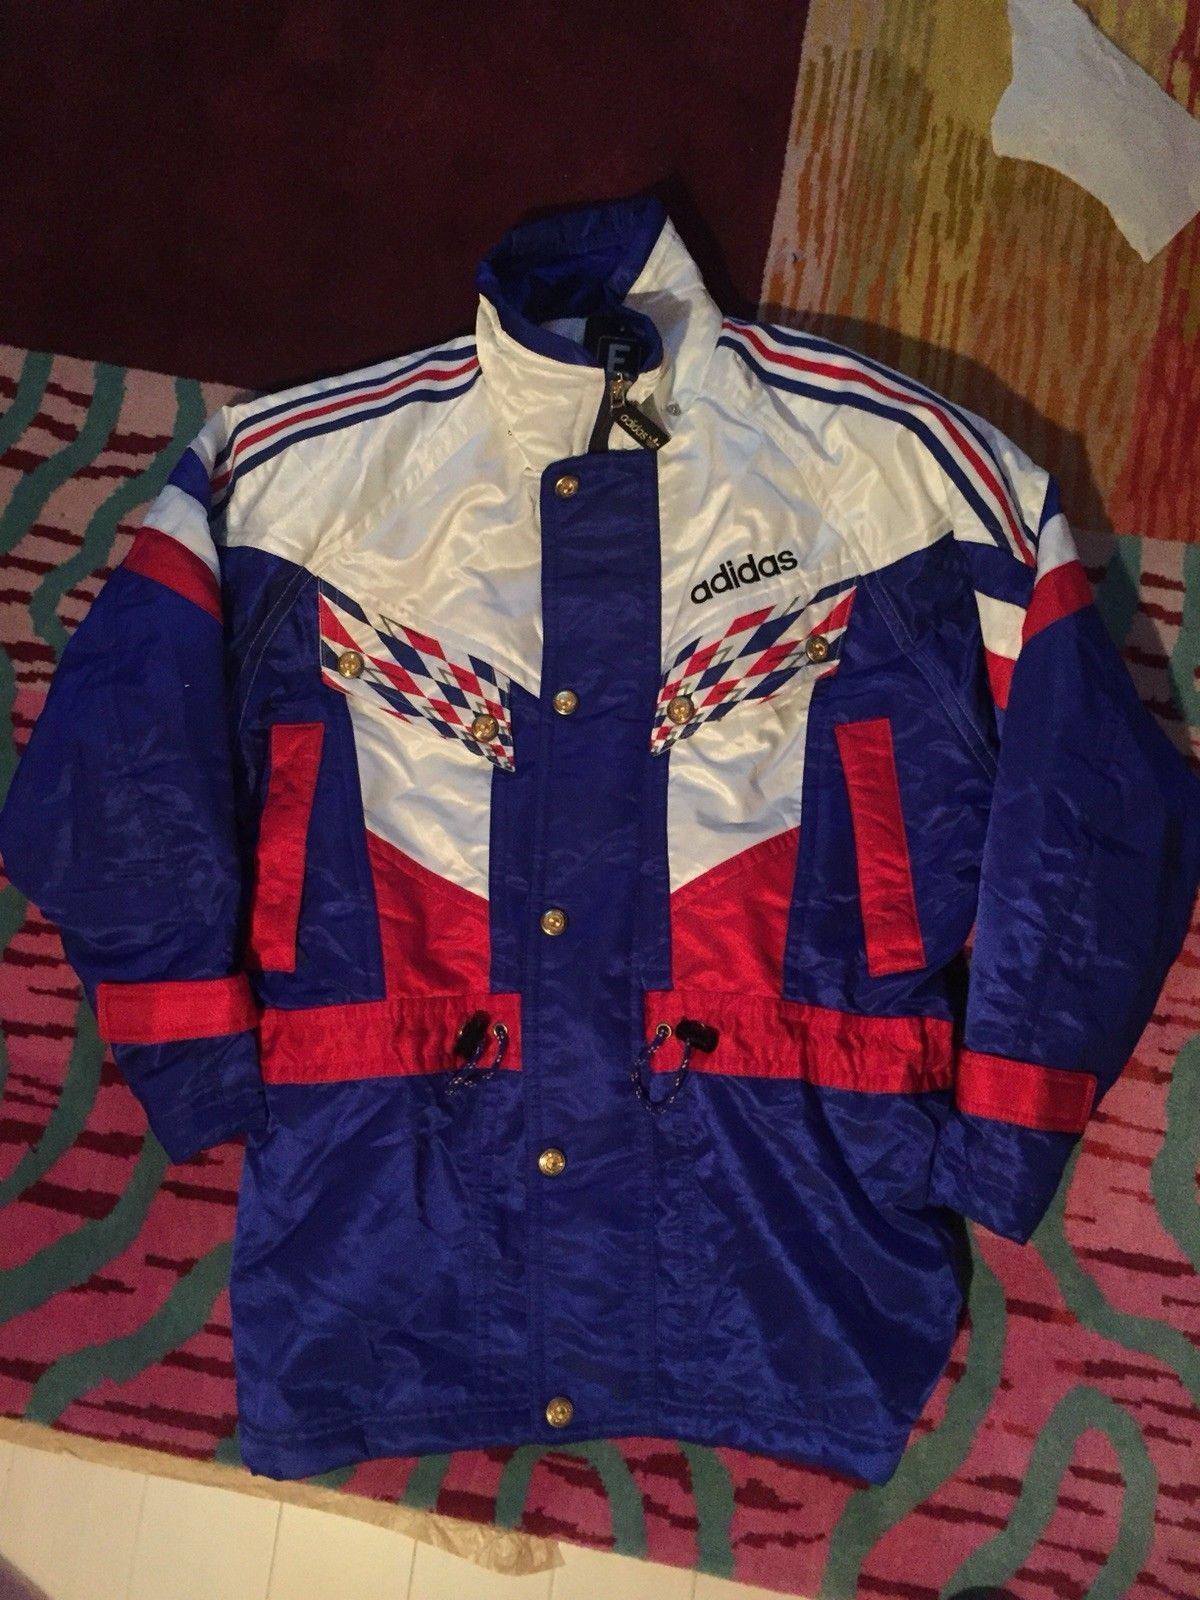 04ec8a01 Details about Adidas Jacket Vintage 90 JASPOL Descente Ski Football ...